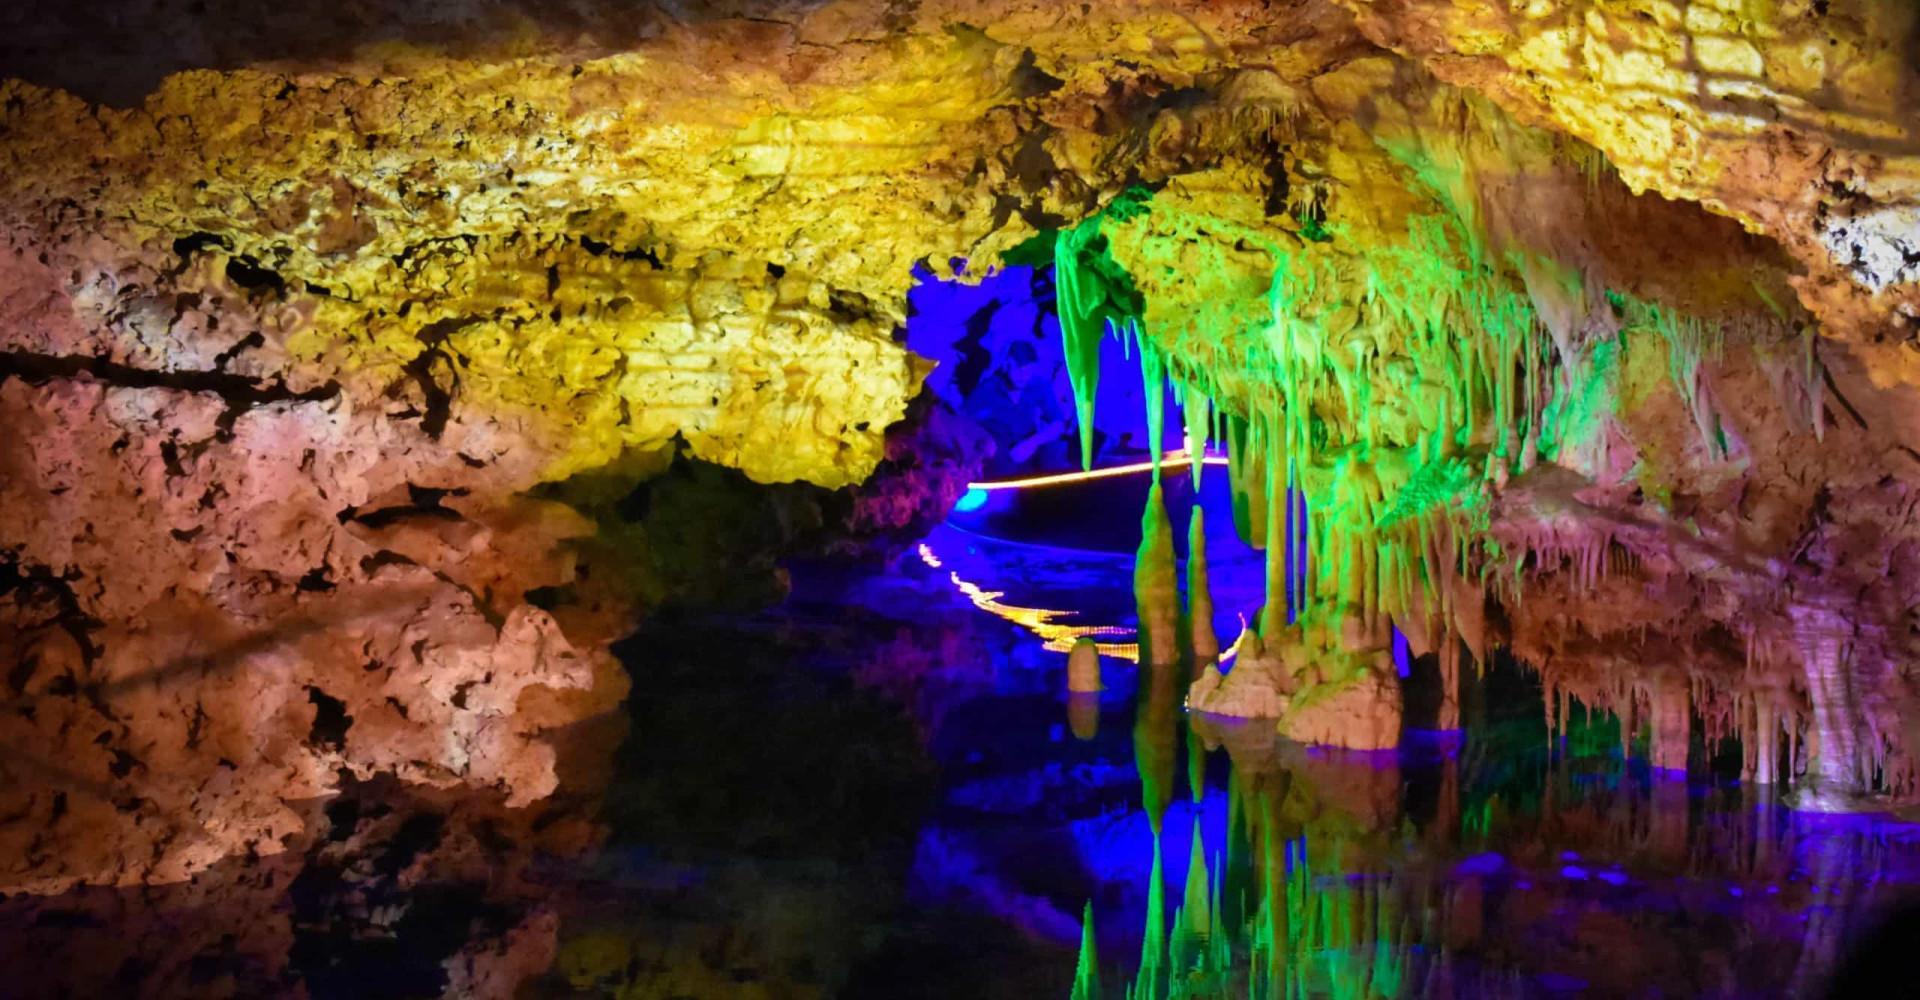 Ontdek de meest ongelooflijke ondergrondse meren en rivieren